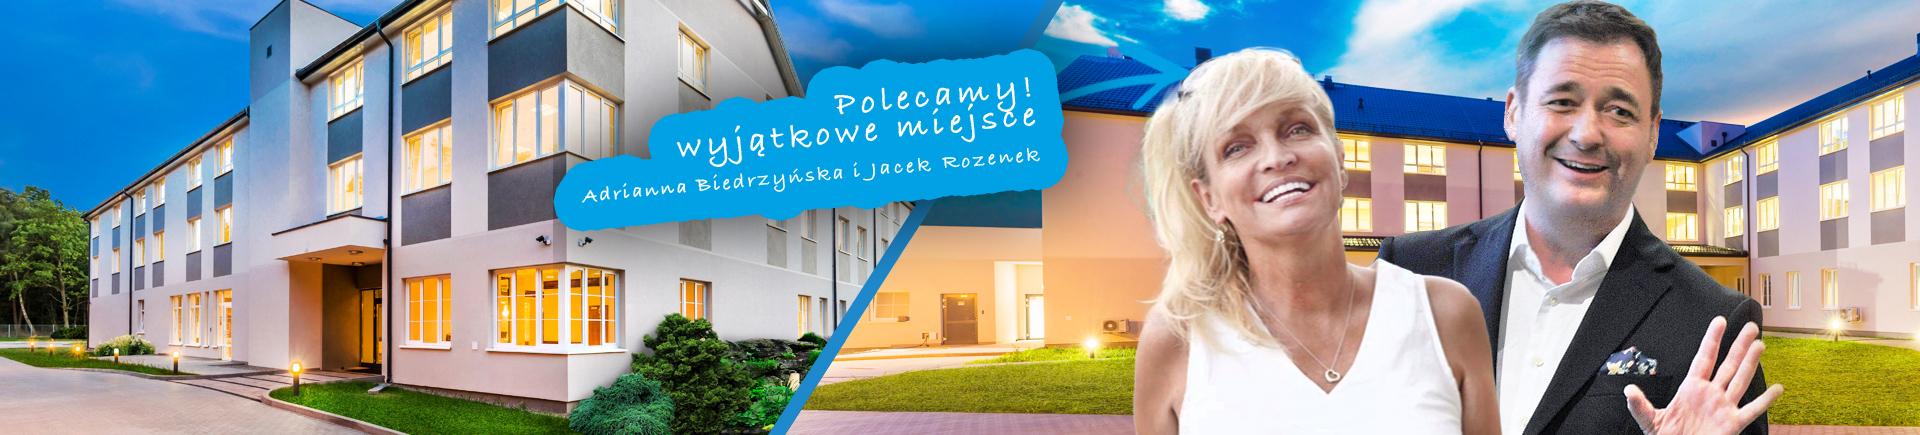 Leśna Polana polecamy – Adrianna Biedrzyńska i Jacek Rozenek! Wyjątkowe miejsce